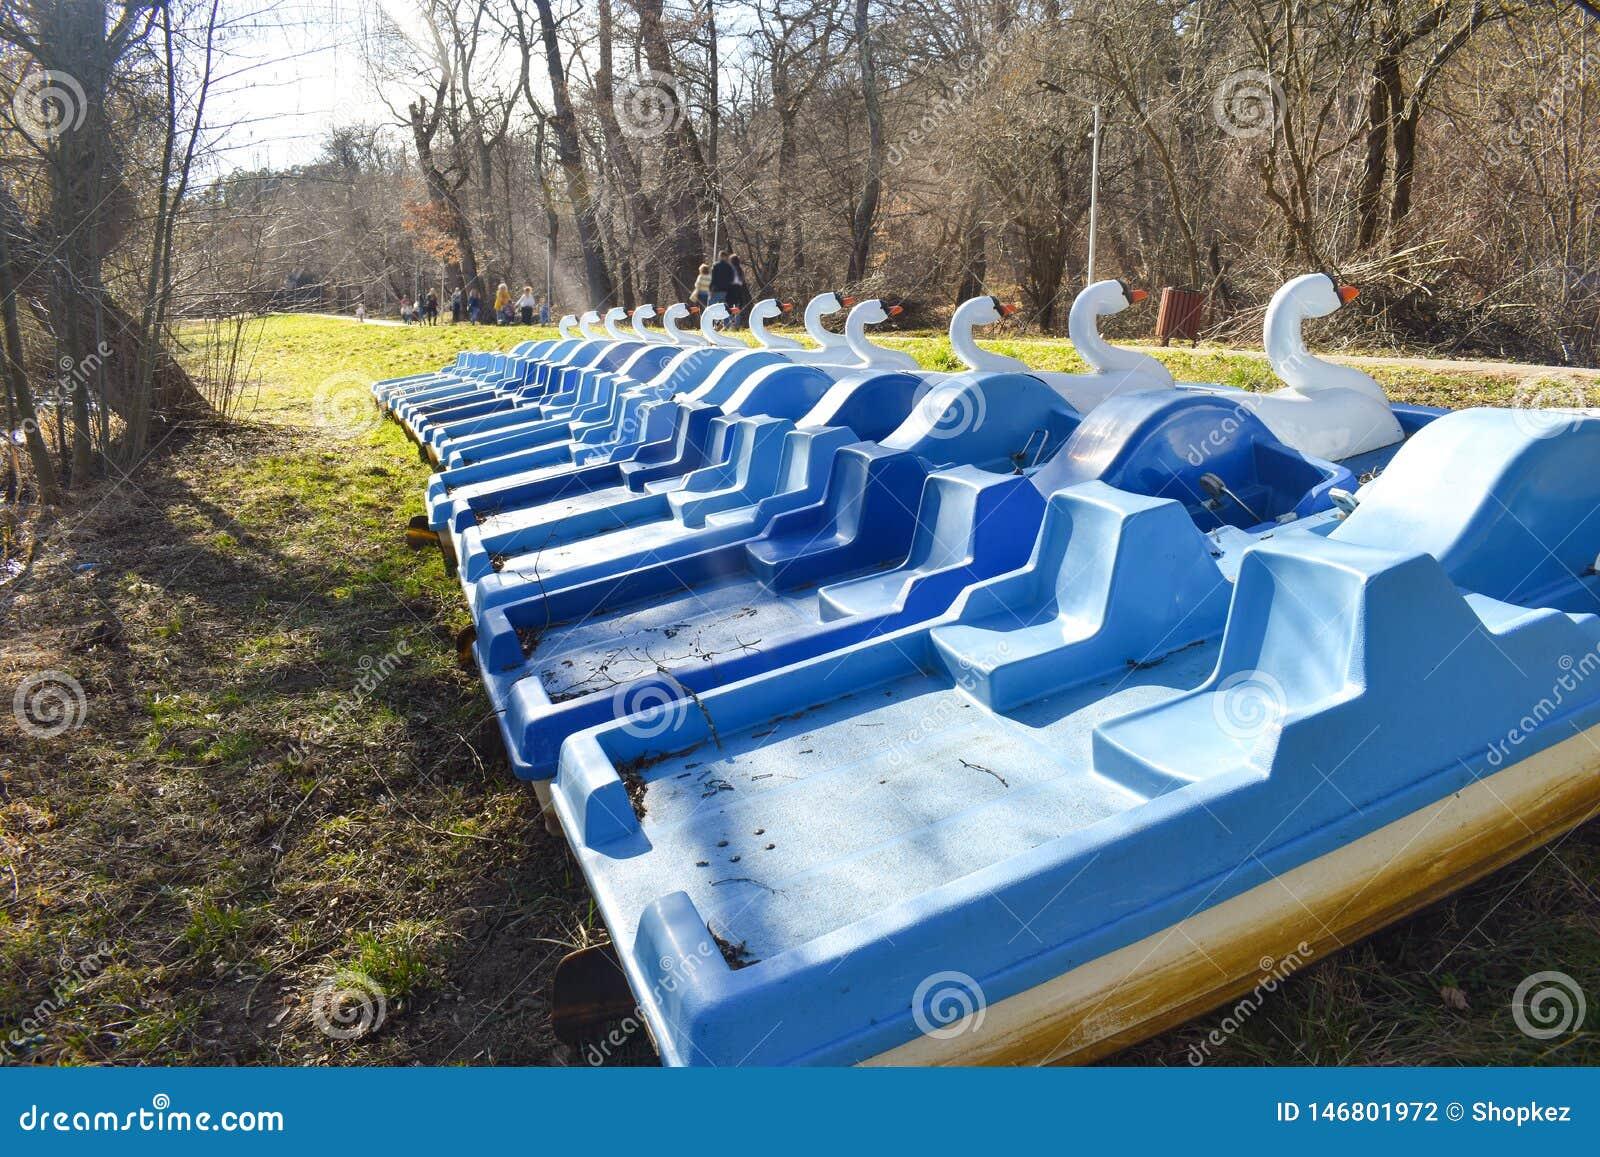 Hydrobikes lub woda jecha? na rowerze z kaczka kszta?tem blisko parkowych jeziornych czekanie turyst?w dla zabawy